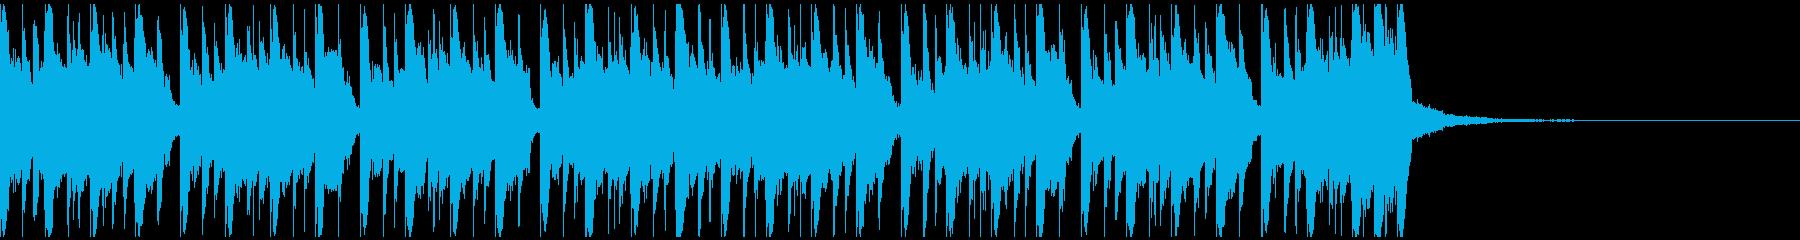 エレクトロスポーツ(23秒)の再生済みの波形